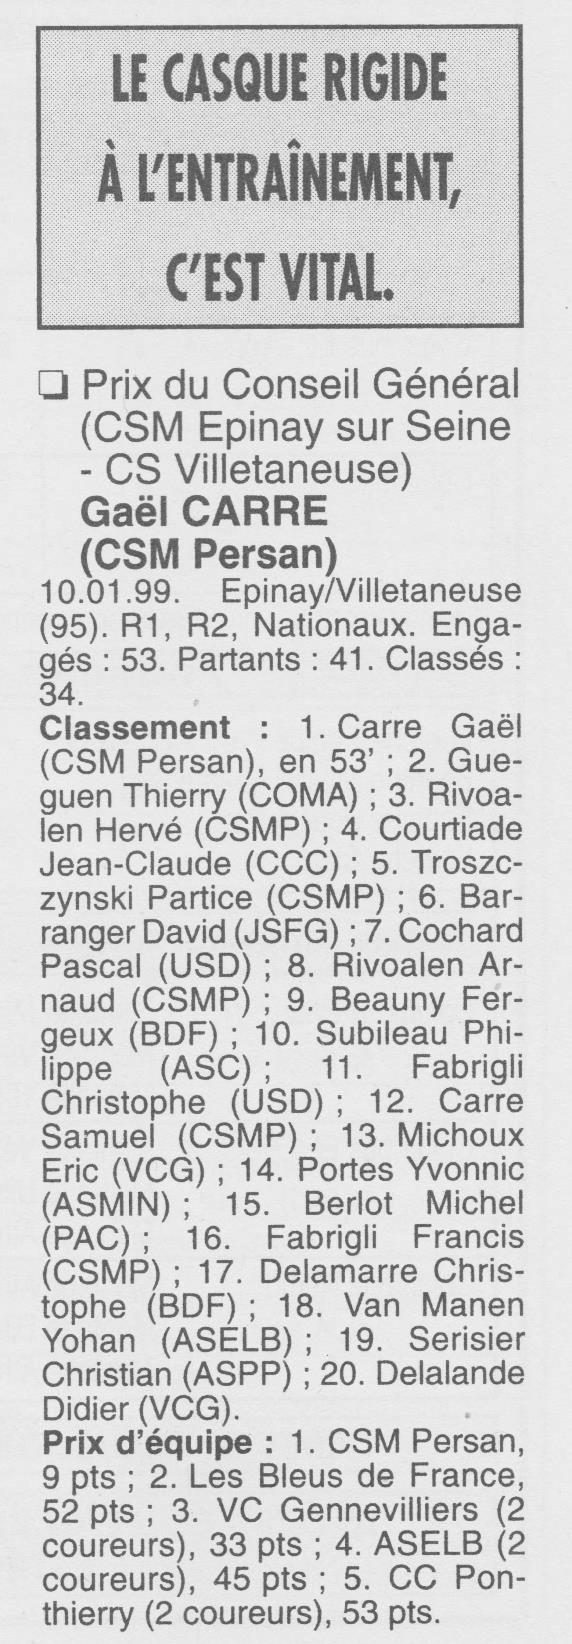 CSM.Persan. BIC. Toute une époque de janvier 1990 à novembre 2007 - Page 27 1999_021